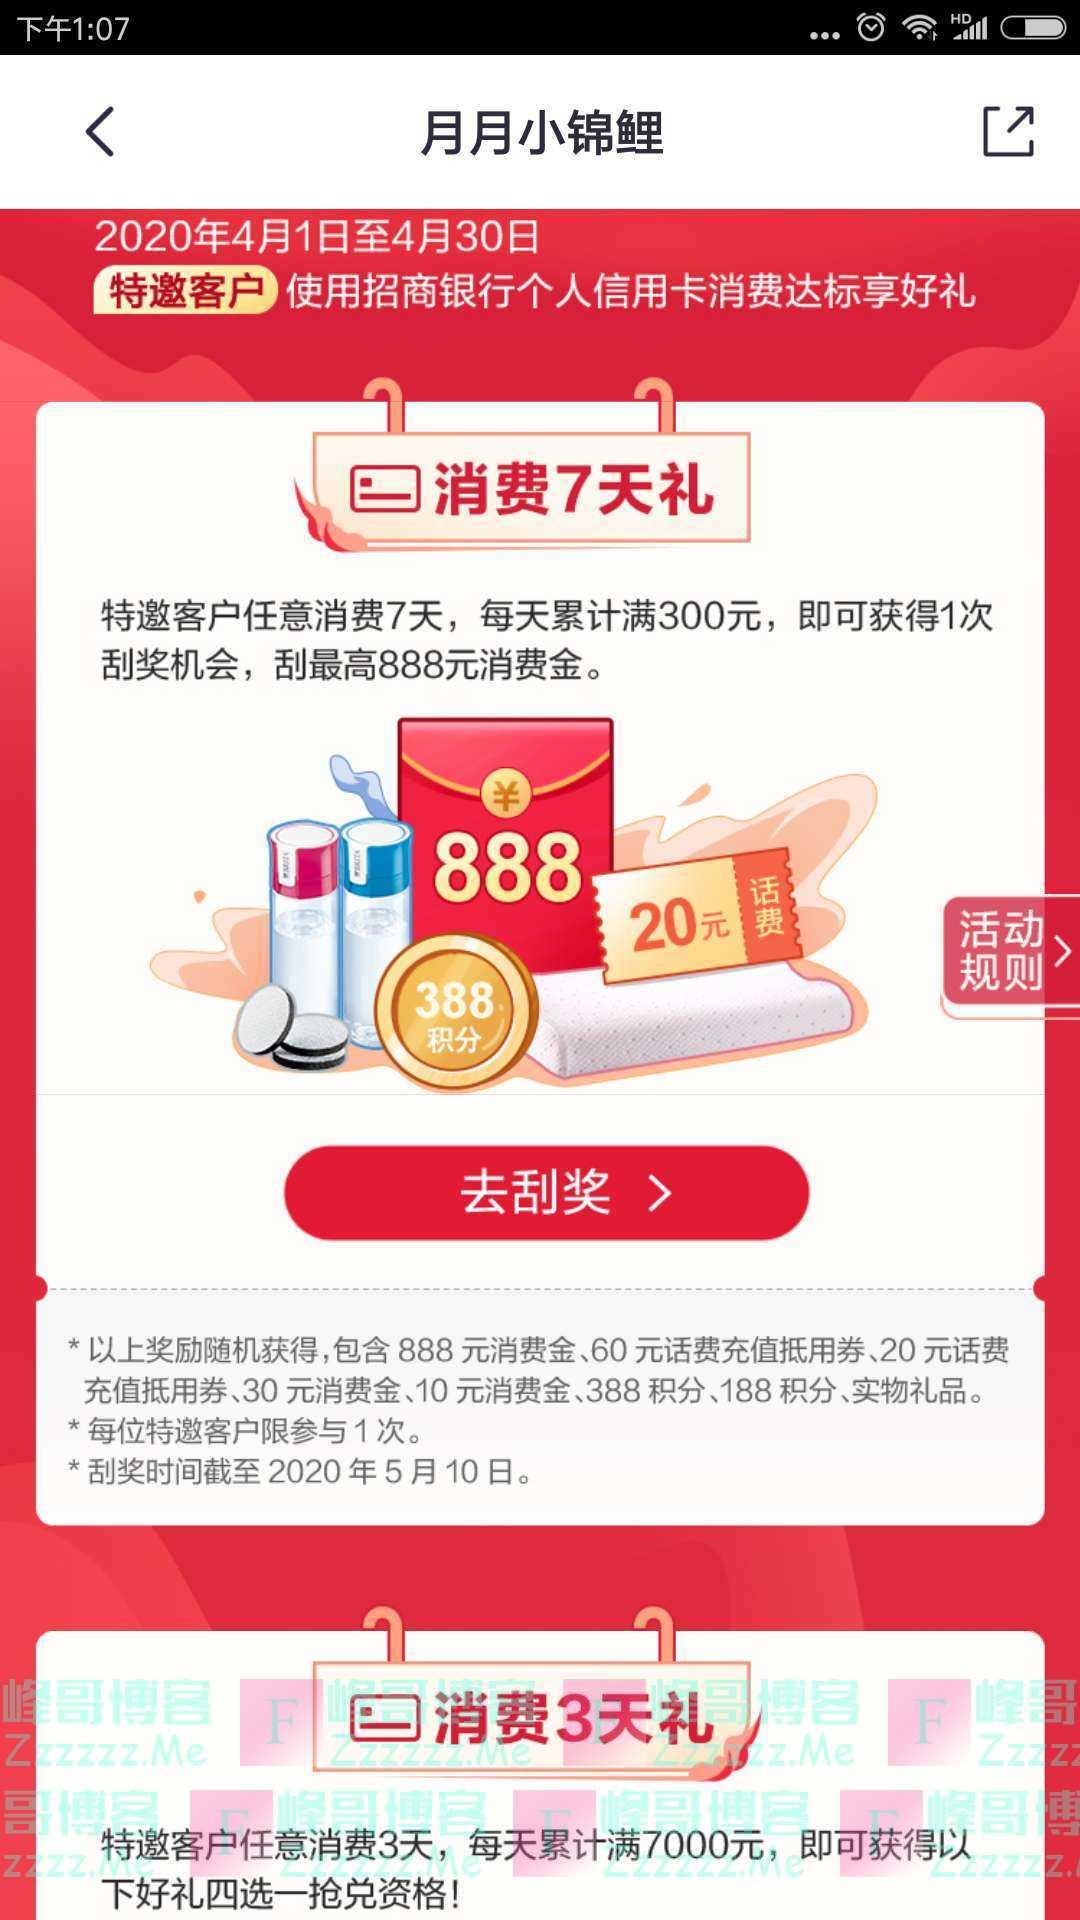 掌上生活4月刷xing/用卡赢飞利浦万元好礼(截止4月30日)